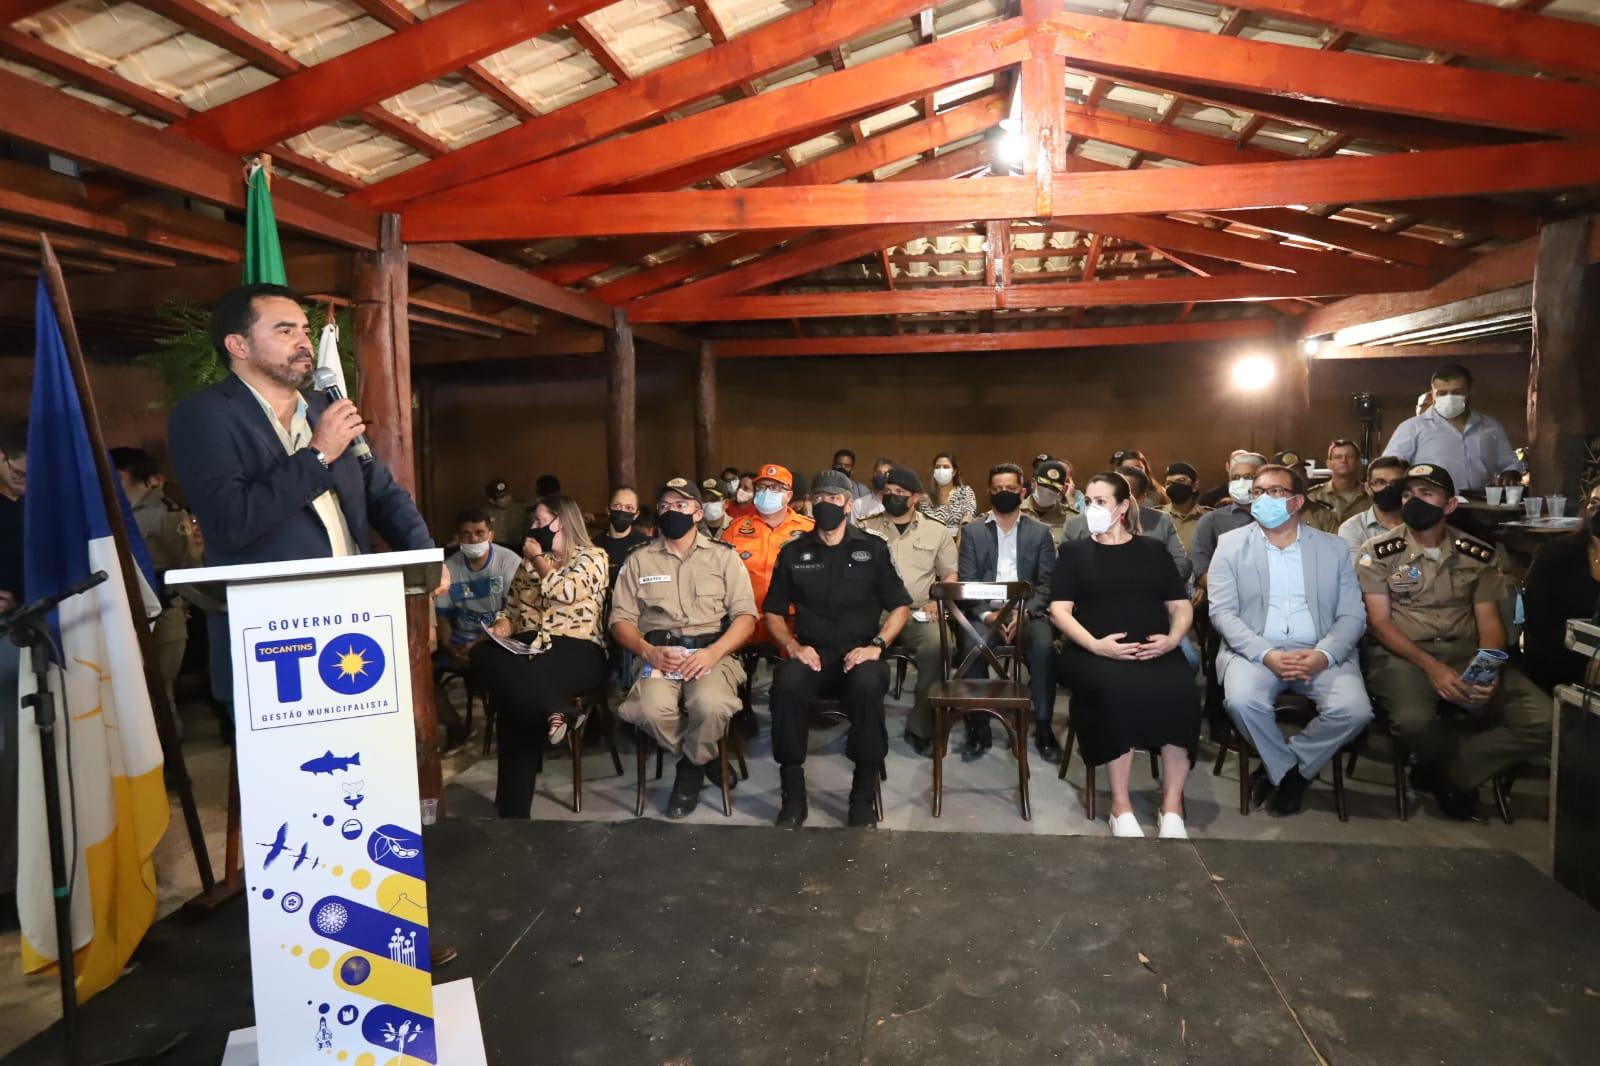 Polícia Militar do Tocantins inaugura o primeiro Centro de Treinamento de Tiro da PM em Palmas